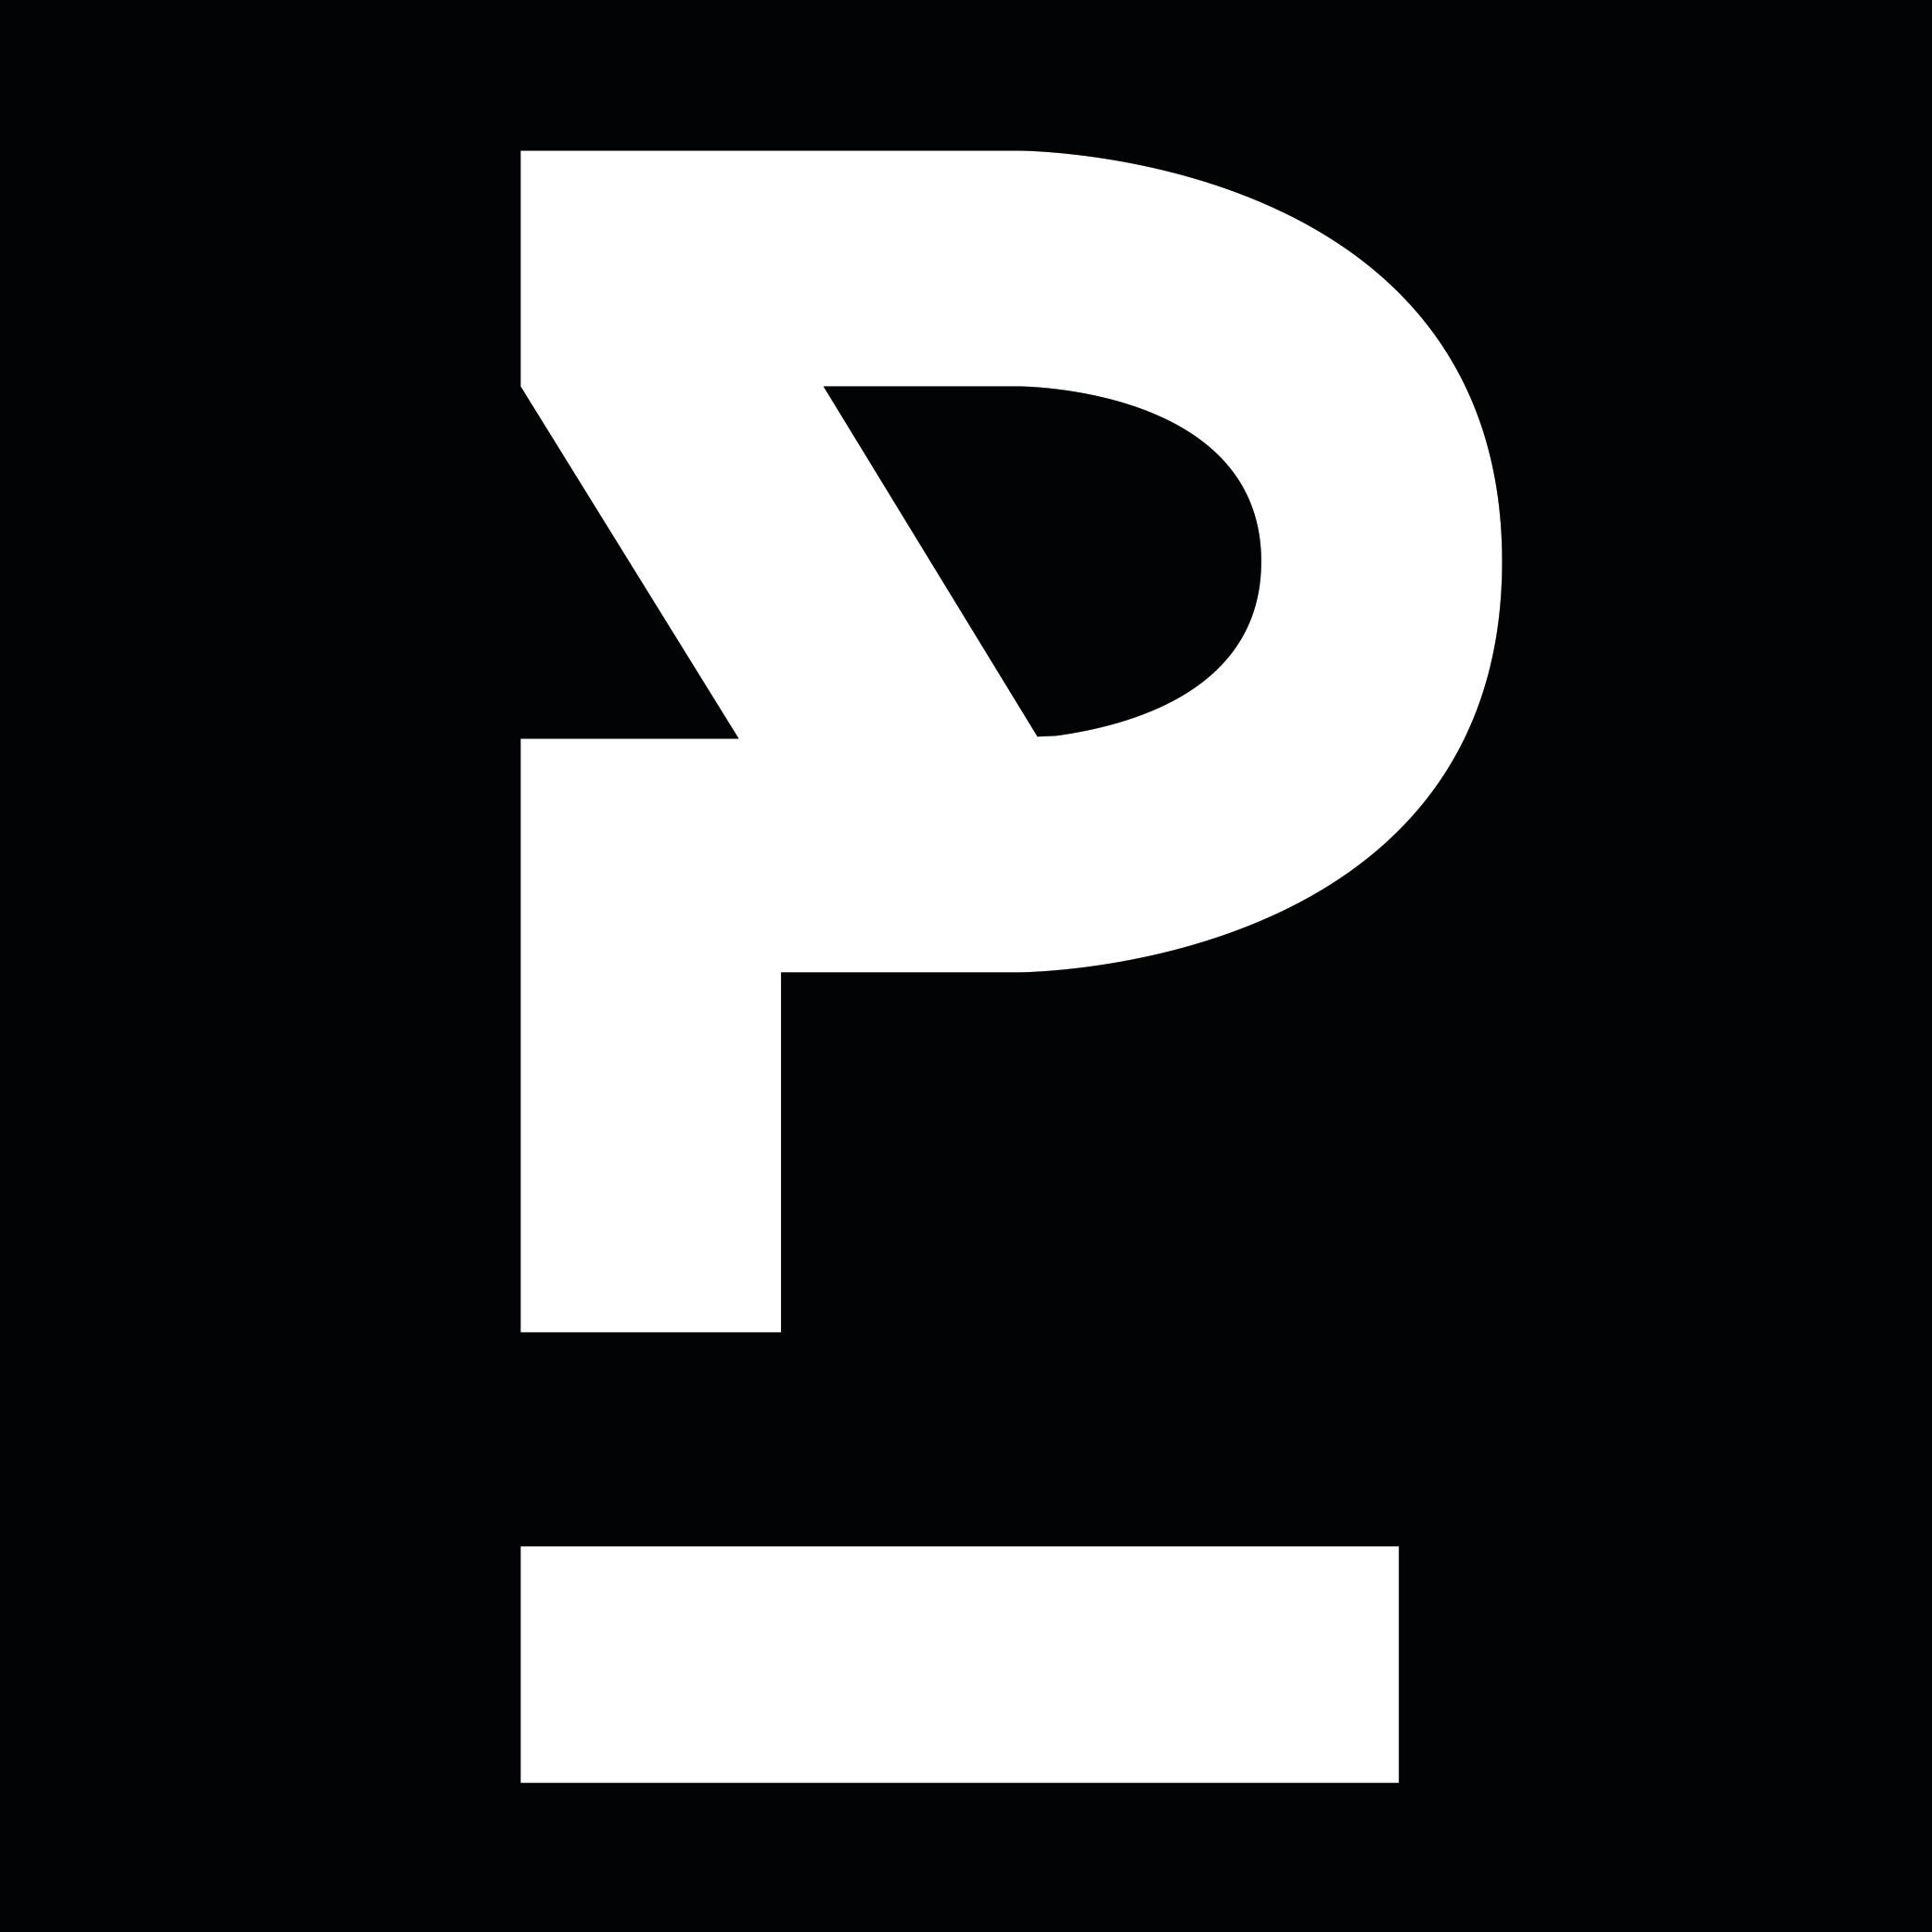 P-Stash